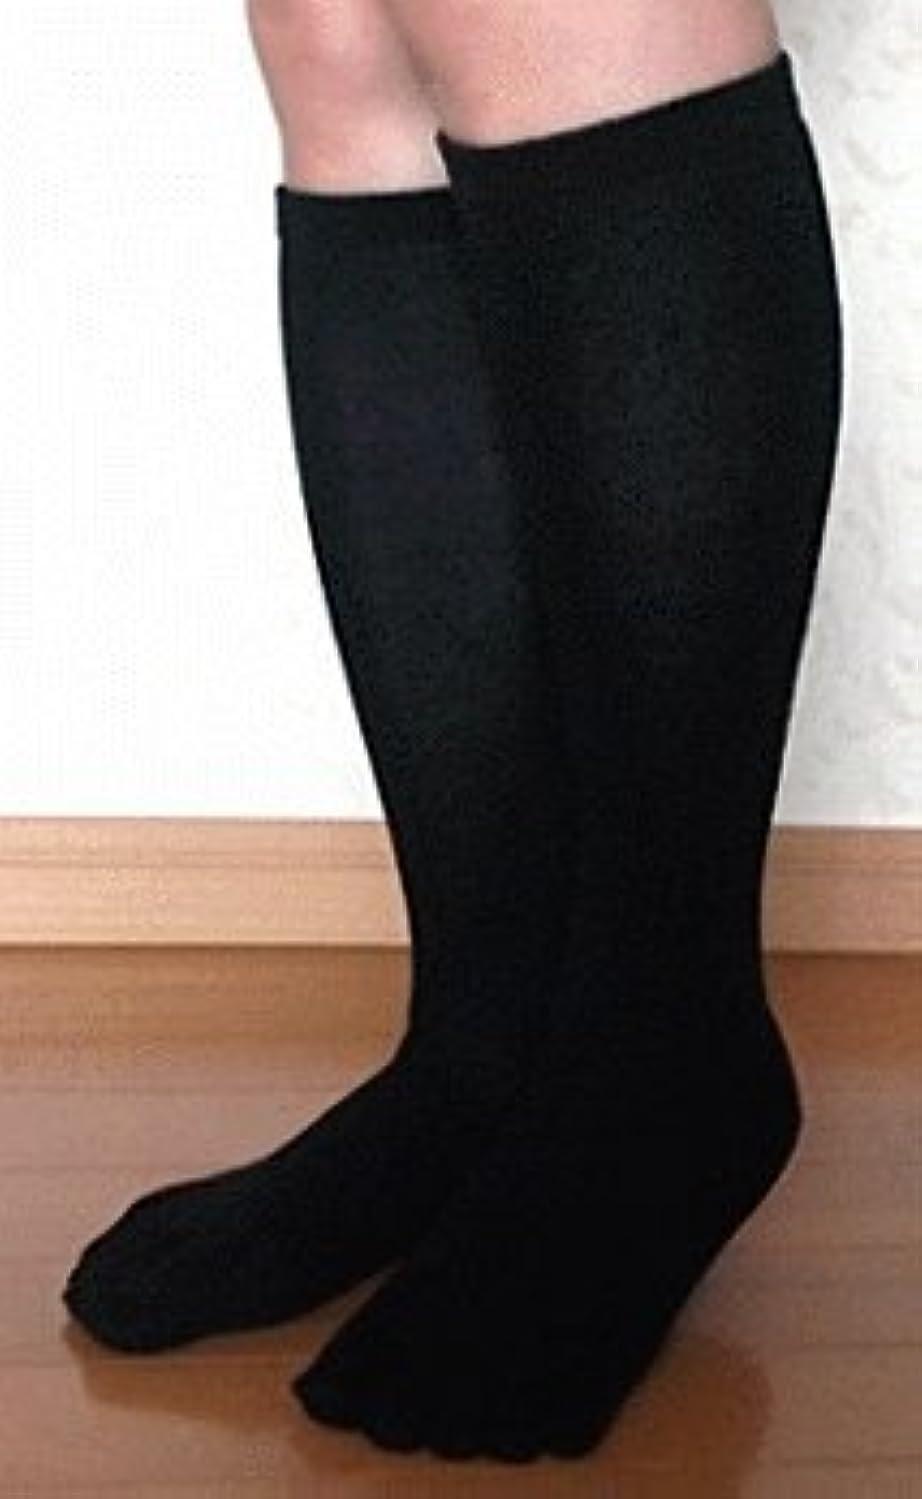 池省略感情の5本指ハイソックス 絹 黒色【22~24cm】 日本製高品質 お買得2足組